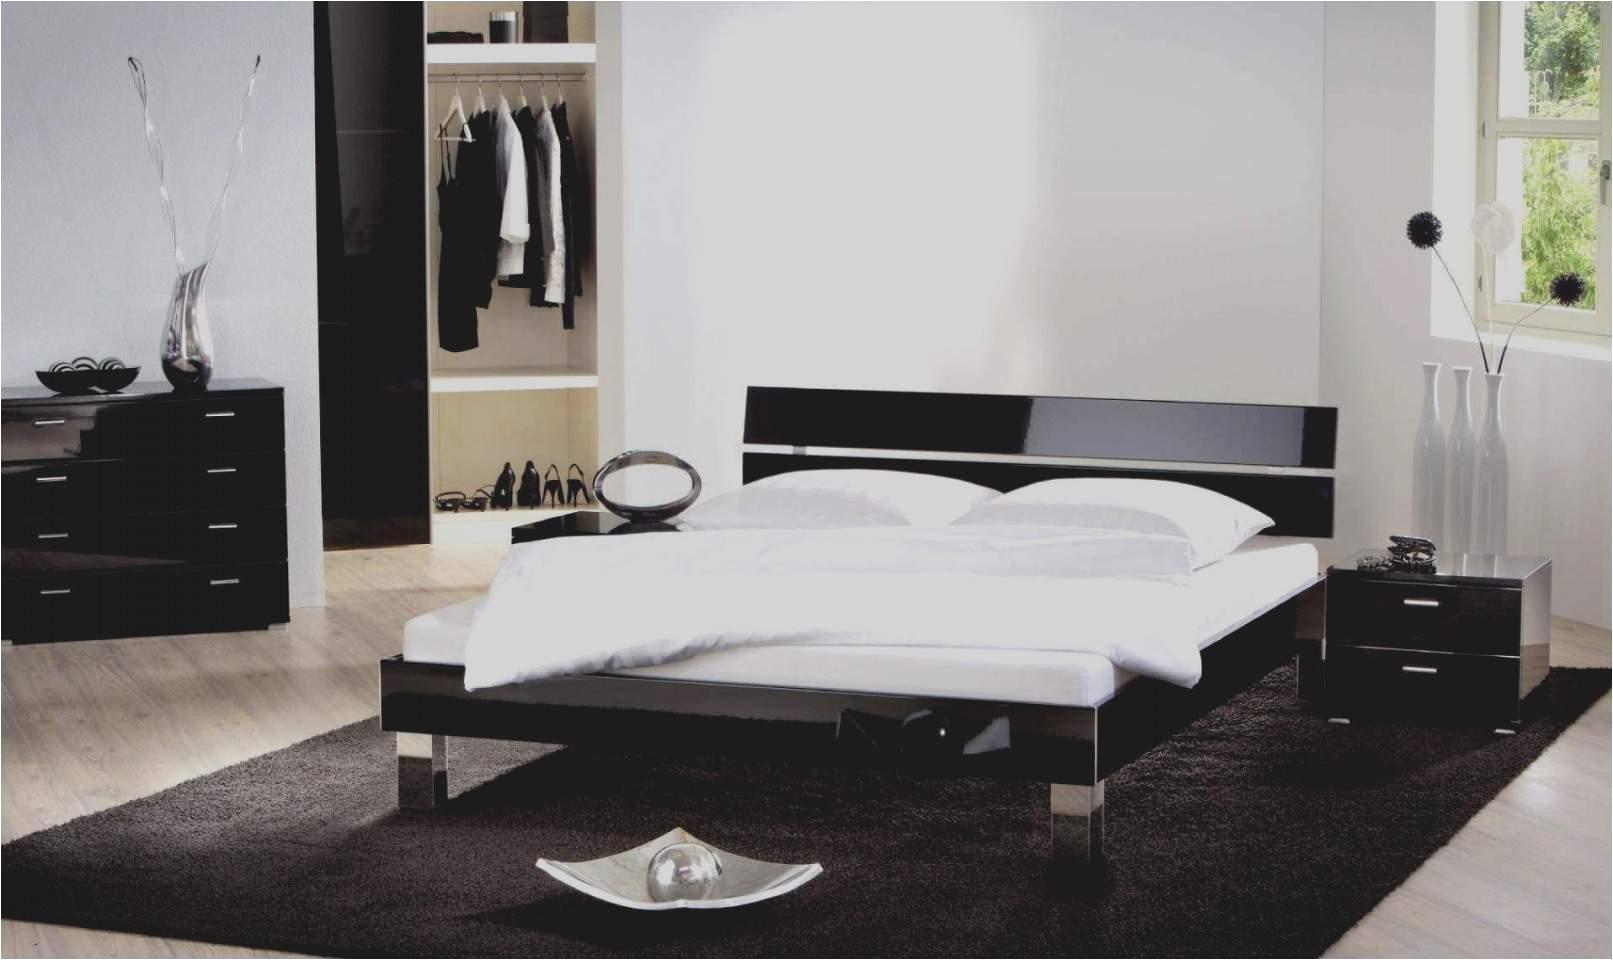 Schlafzimmer Farben Schöner Wohnen 26 Einzigartig Wohnzimmer Schöner Wohnen Reizend